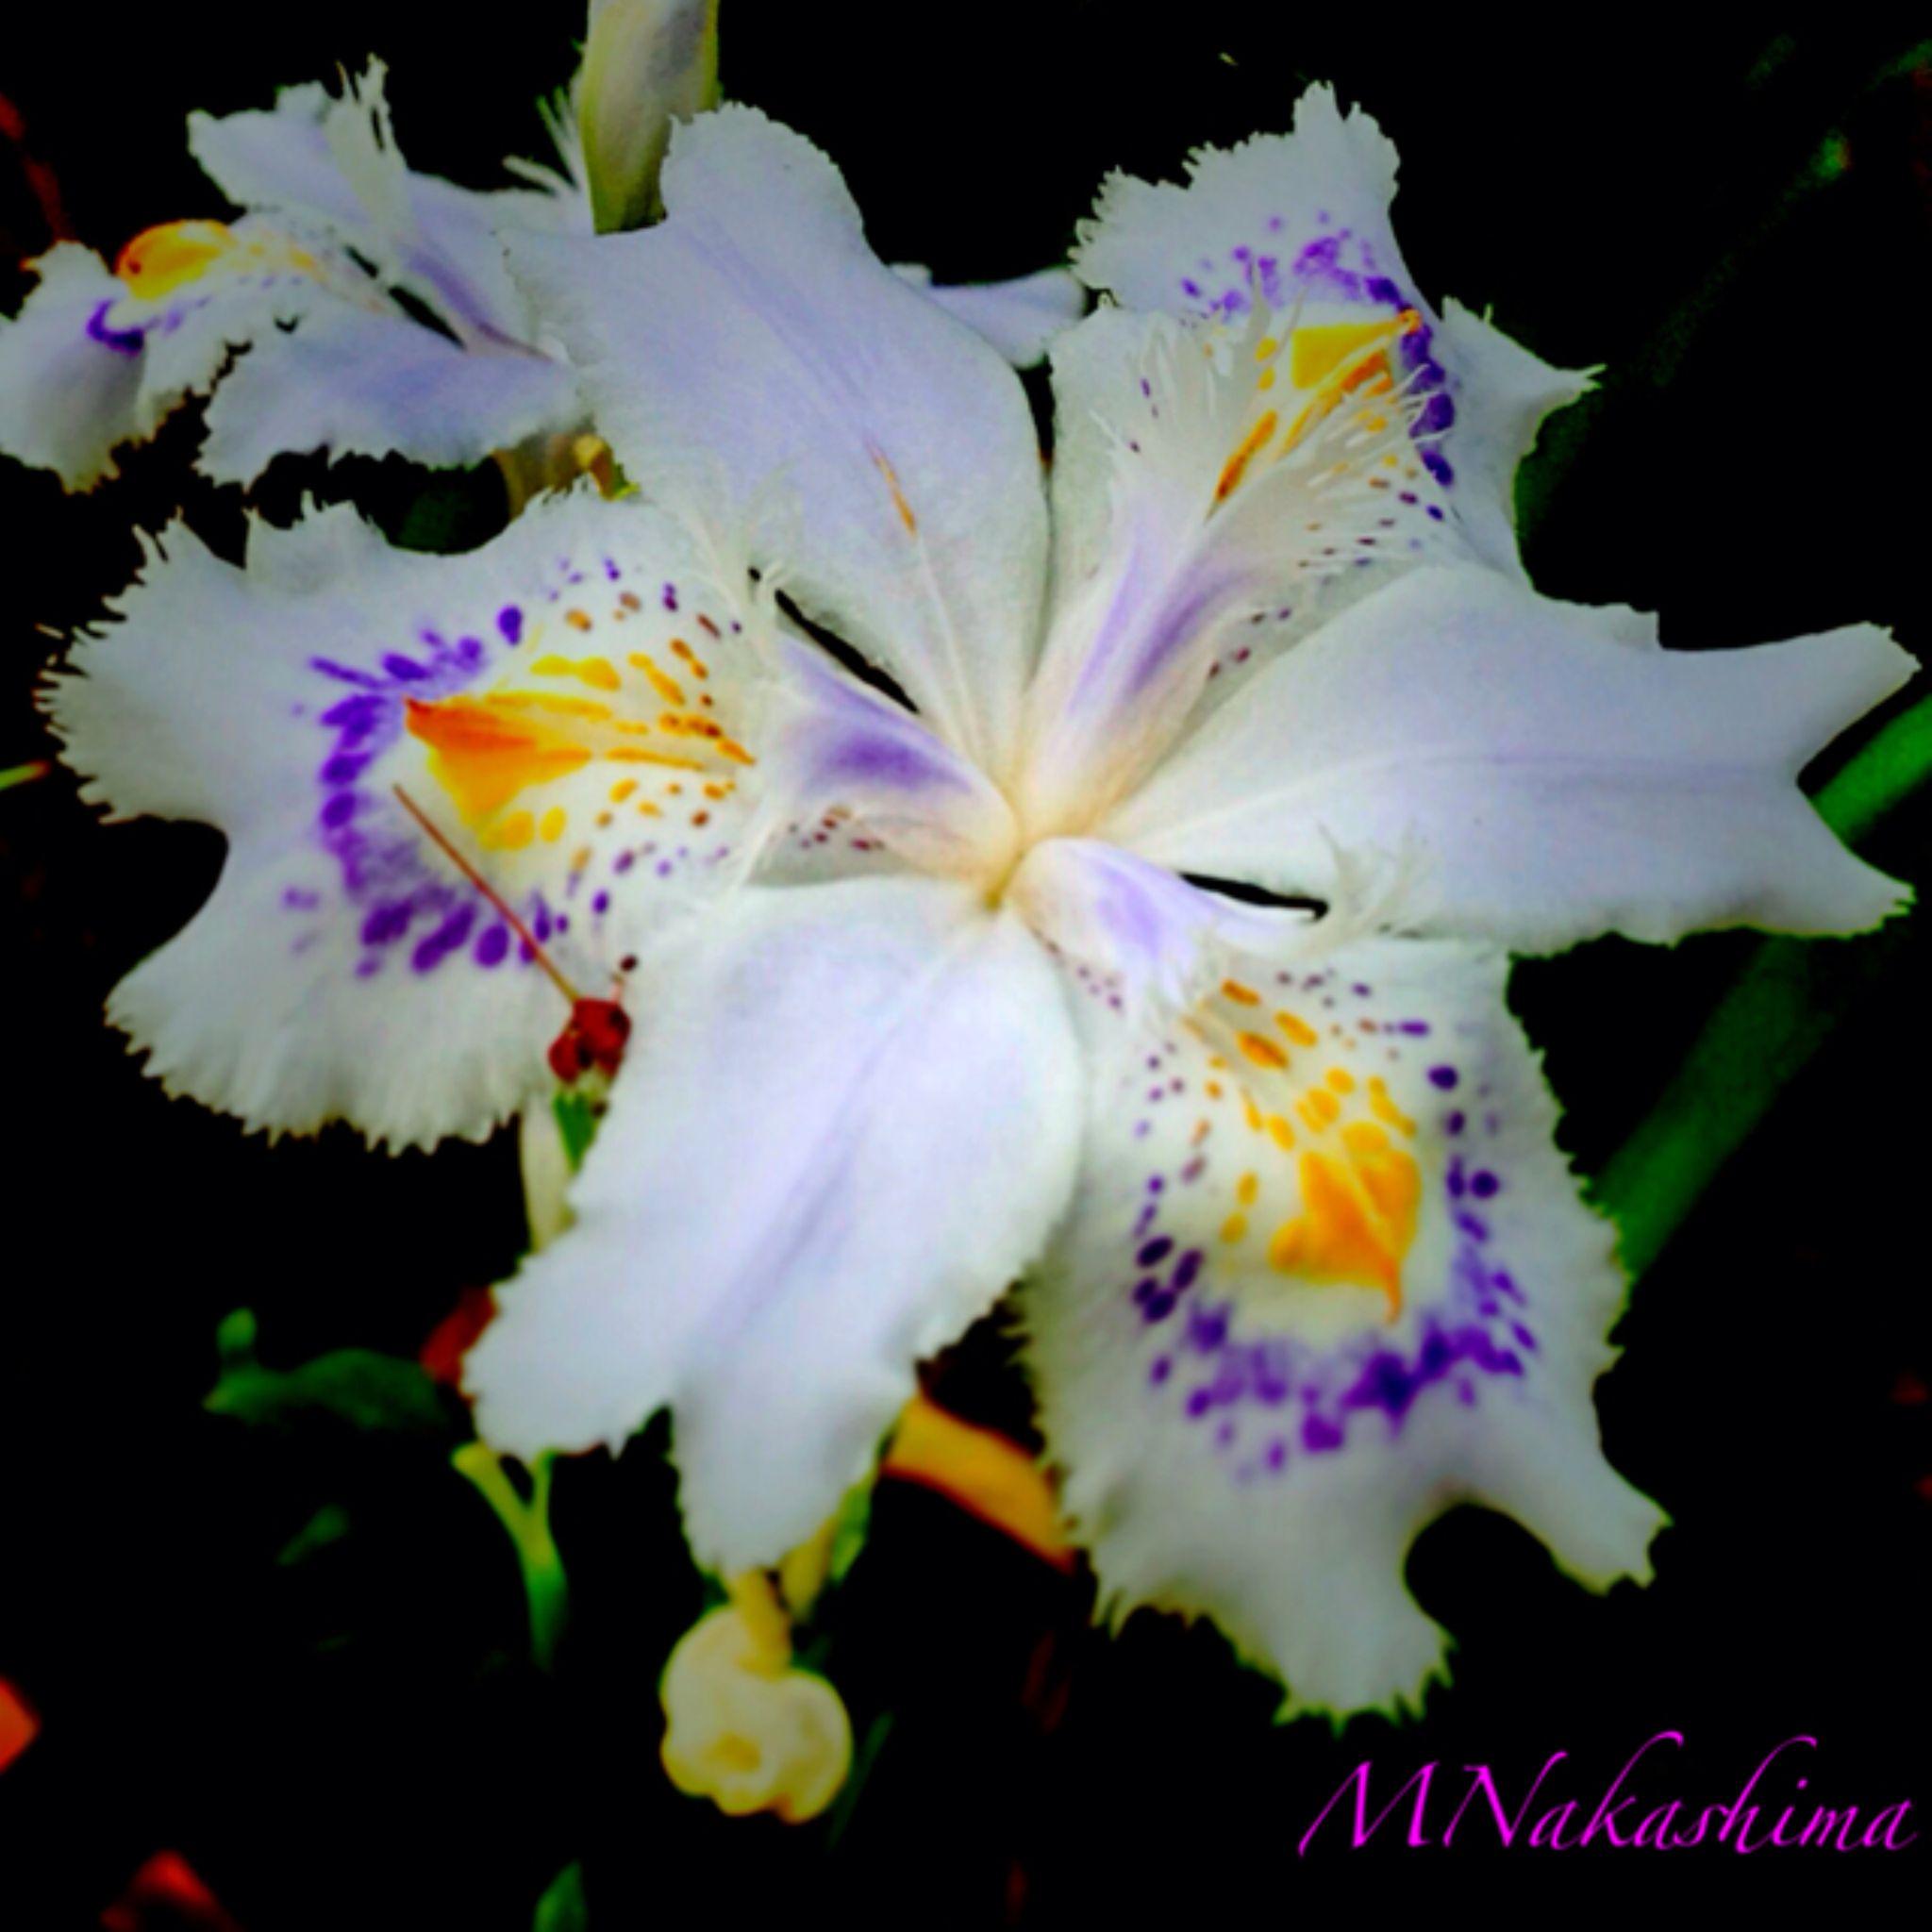 IMG_4382 by marina.nakashima